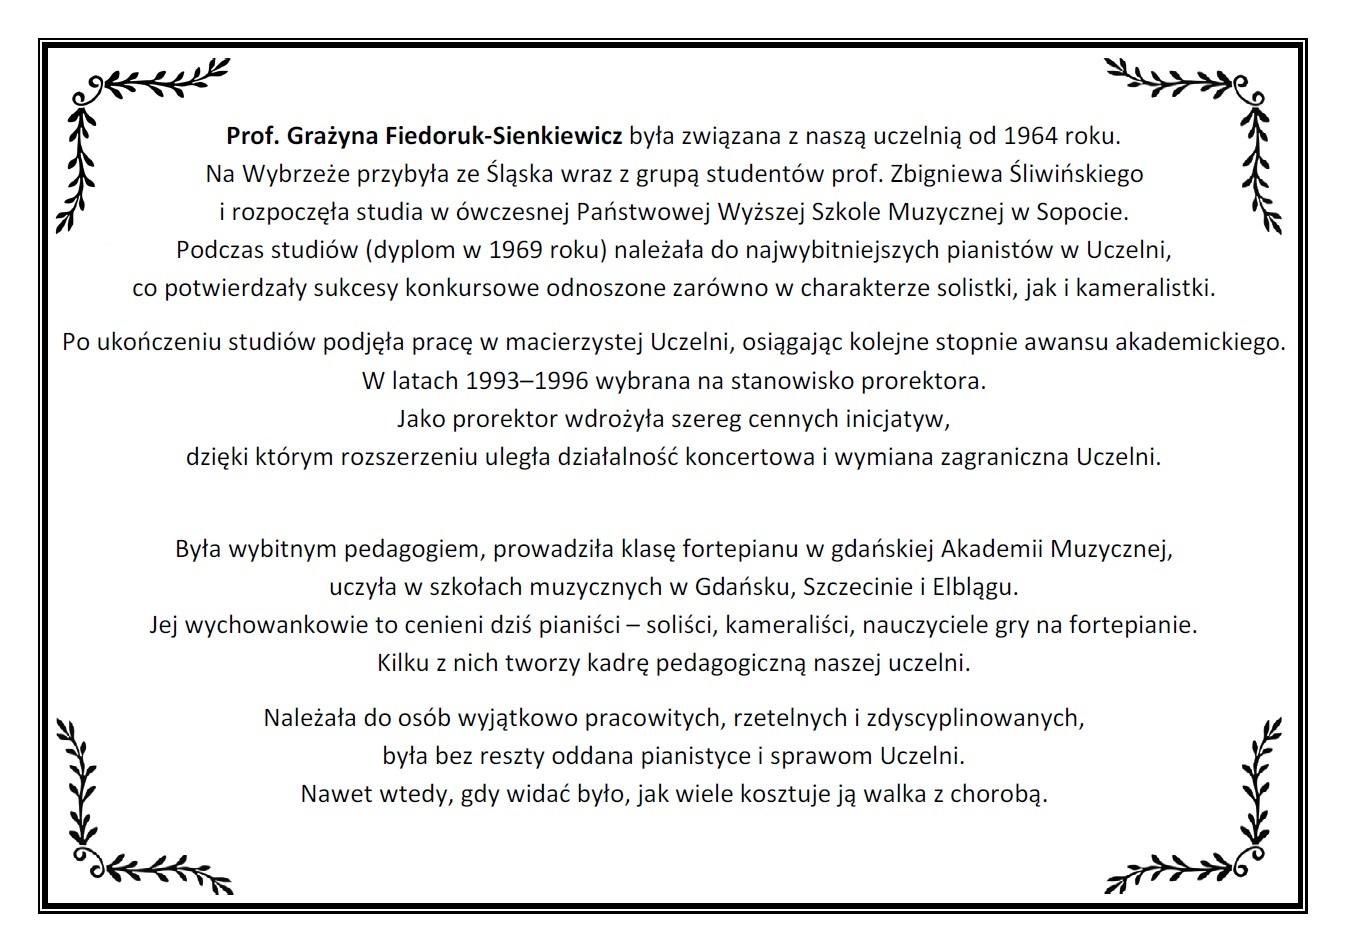 Klepsydra2_Fiedoruk-Sienkiewicz